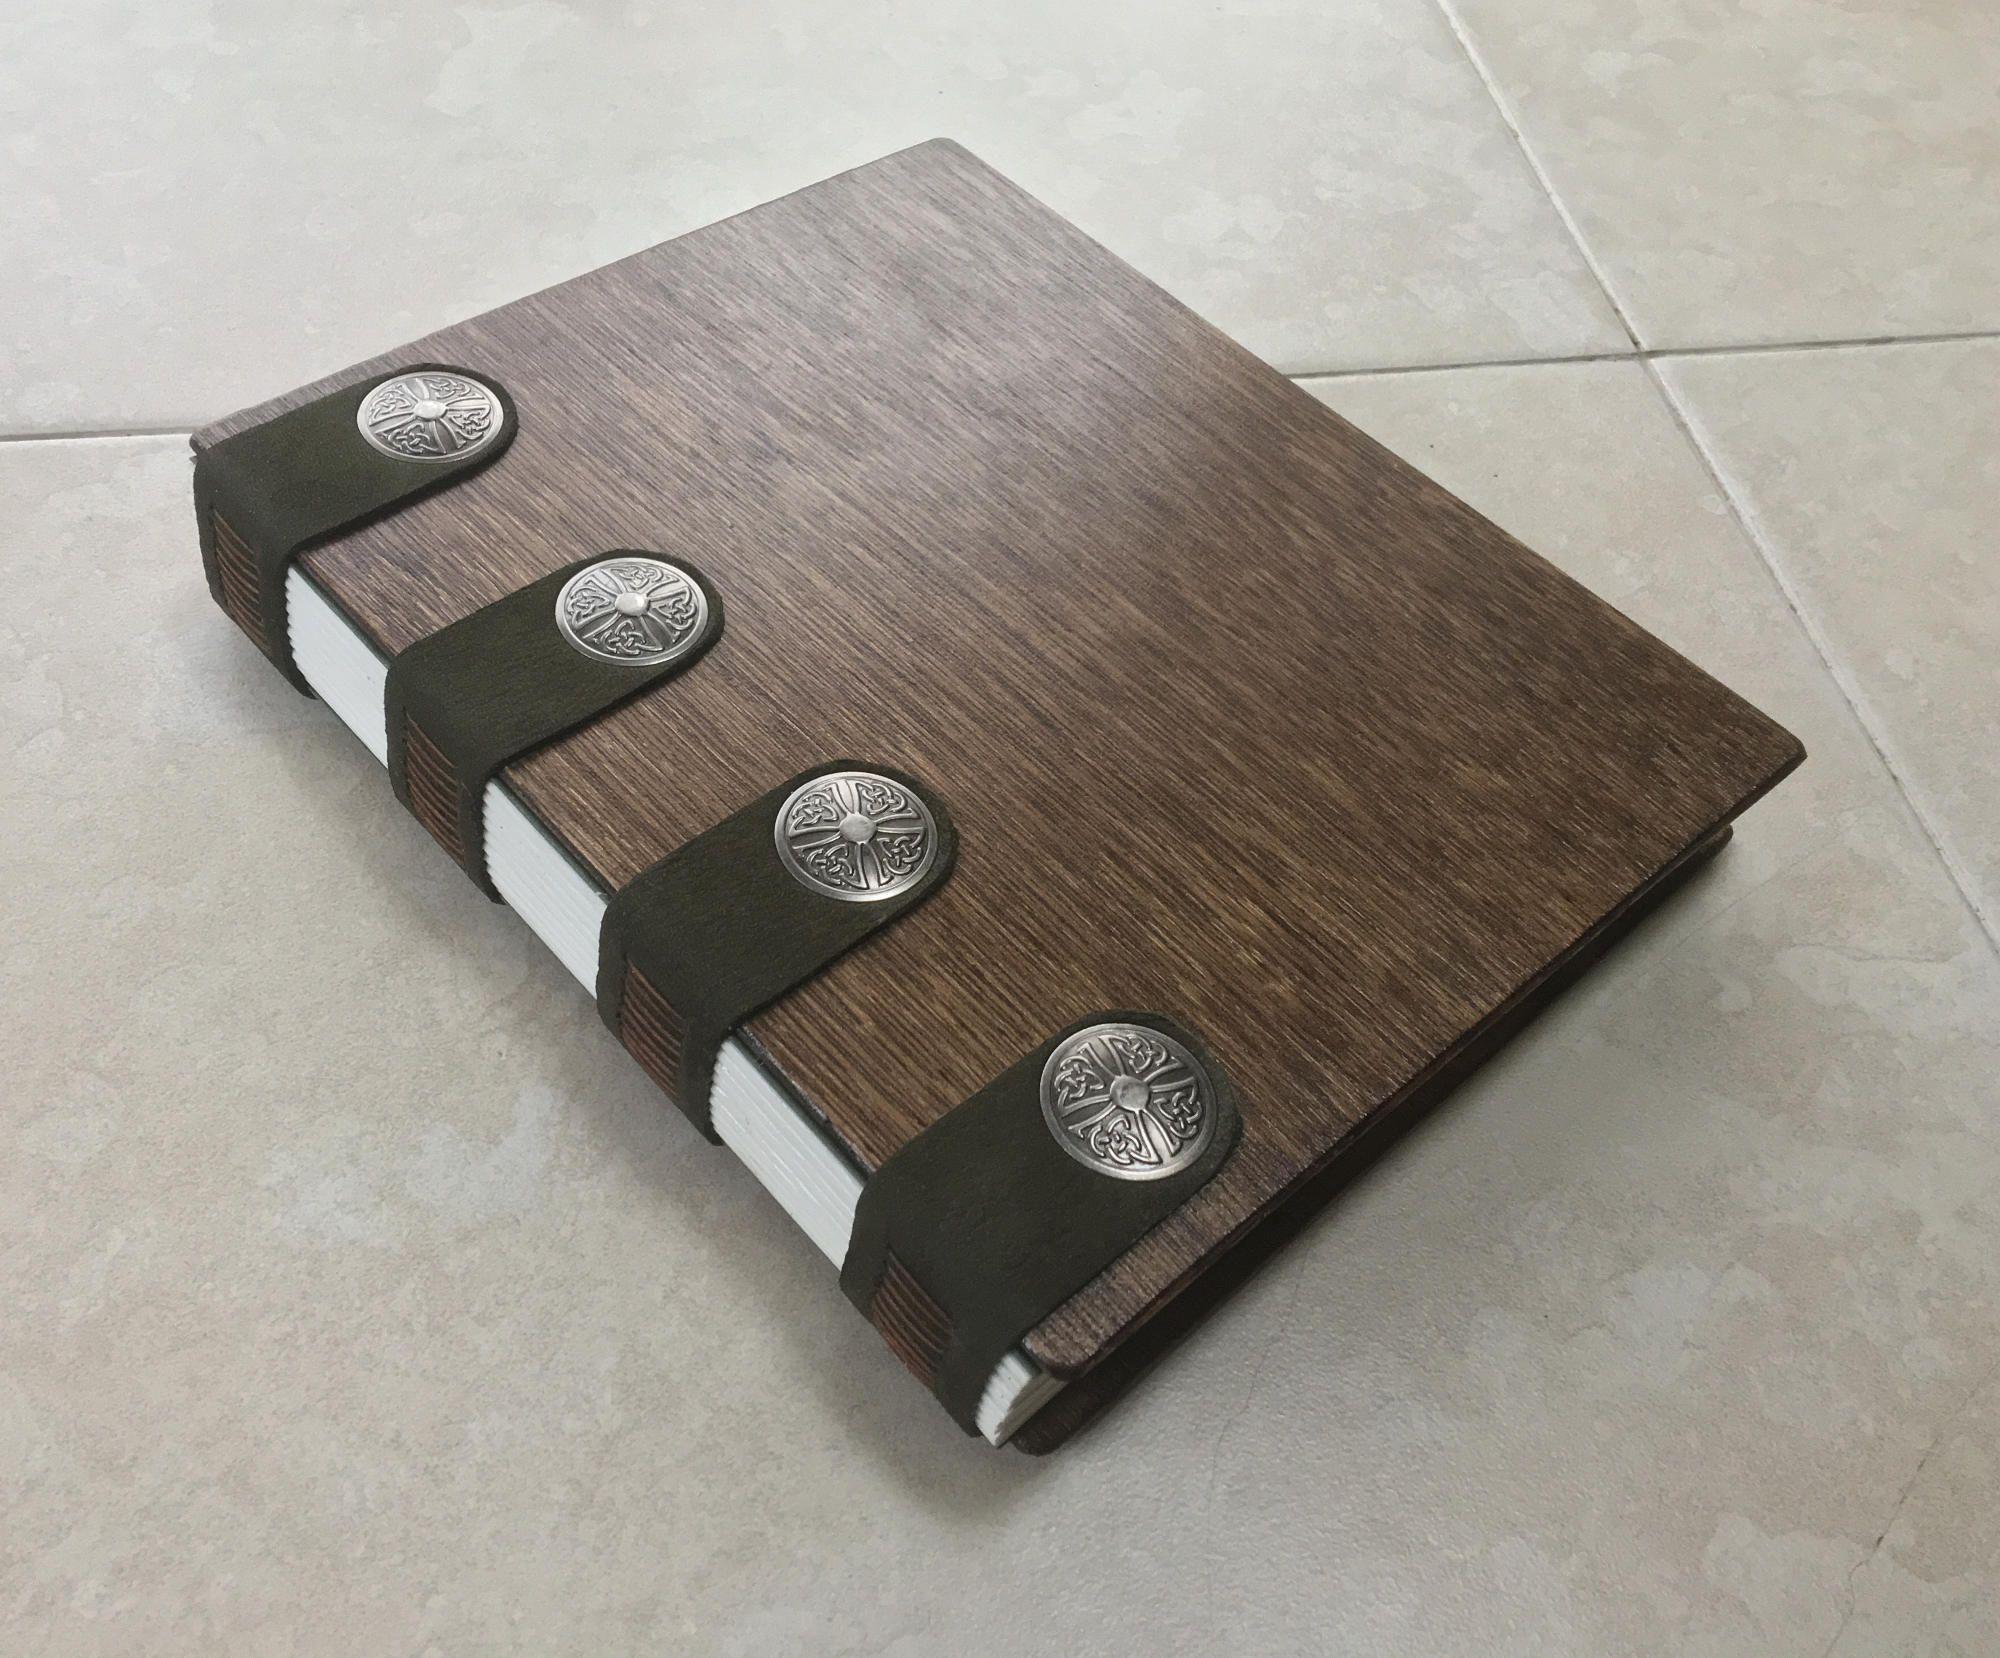 Buy Hand Crafted An Elegant Journal Bound In Dark Brown